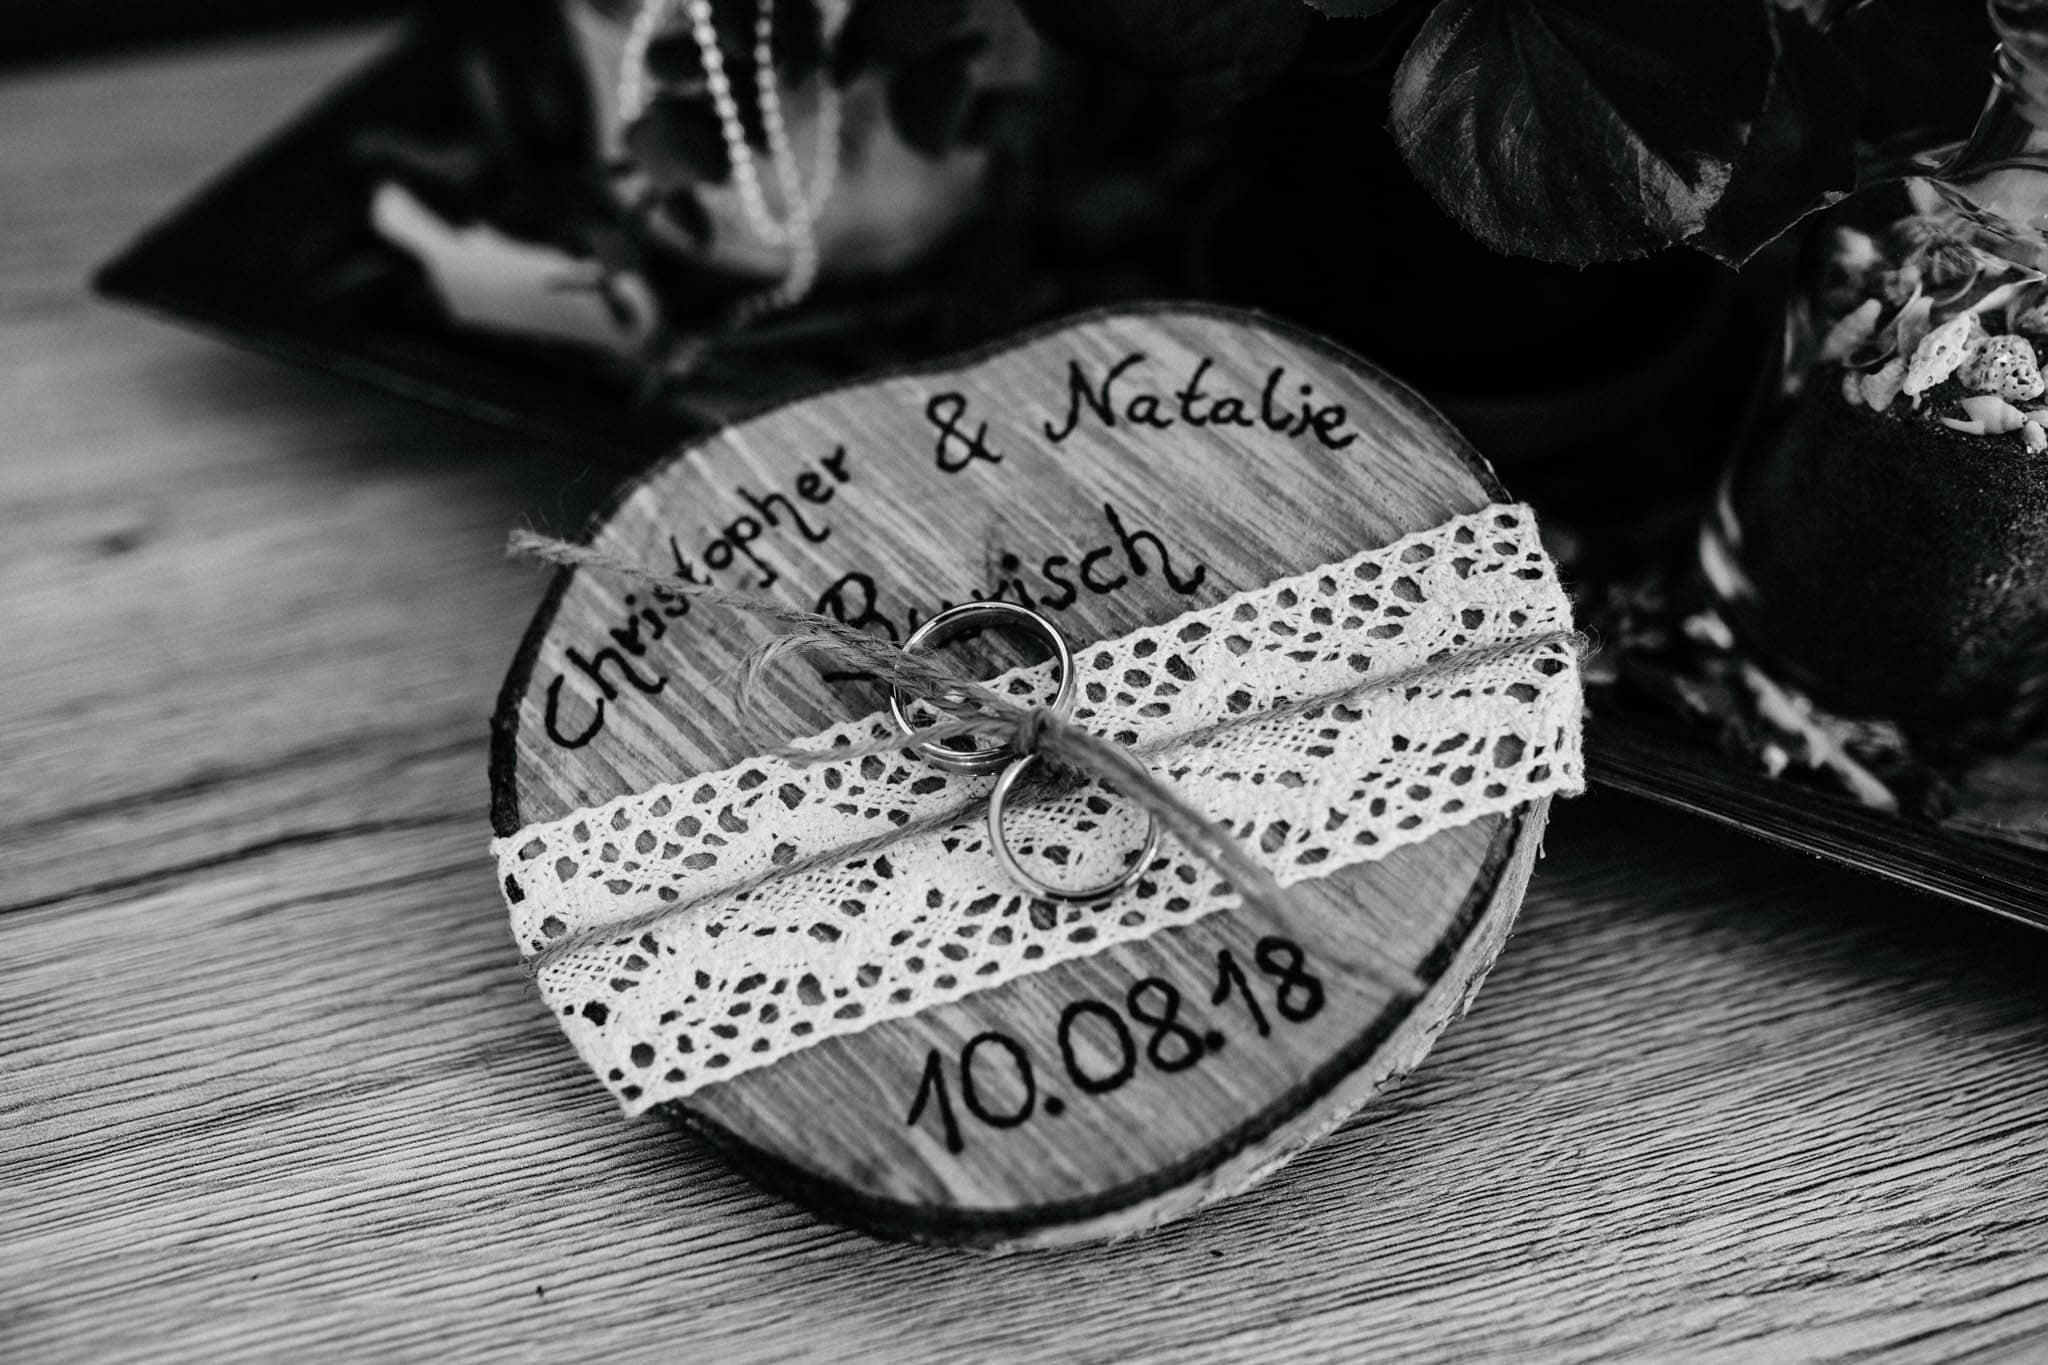 Hochzeitsfieber by Photo-Schomburg, Hoichzeitsfotograf, Hamburg, Wedding, Weddingtime, Hochzeitspaar, Braut, Bräutigam, Hochzeit im Norden,-17